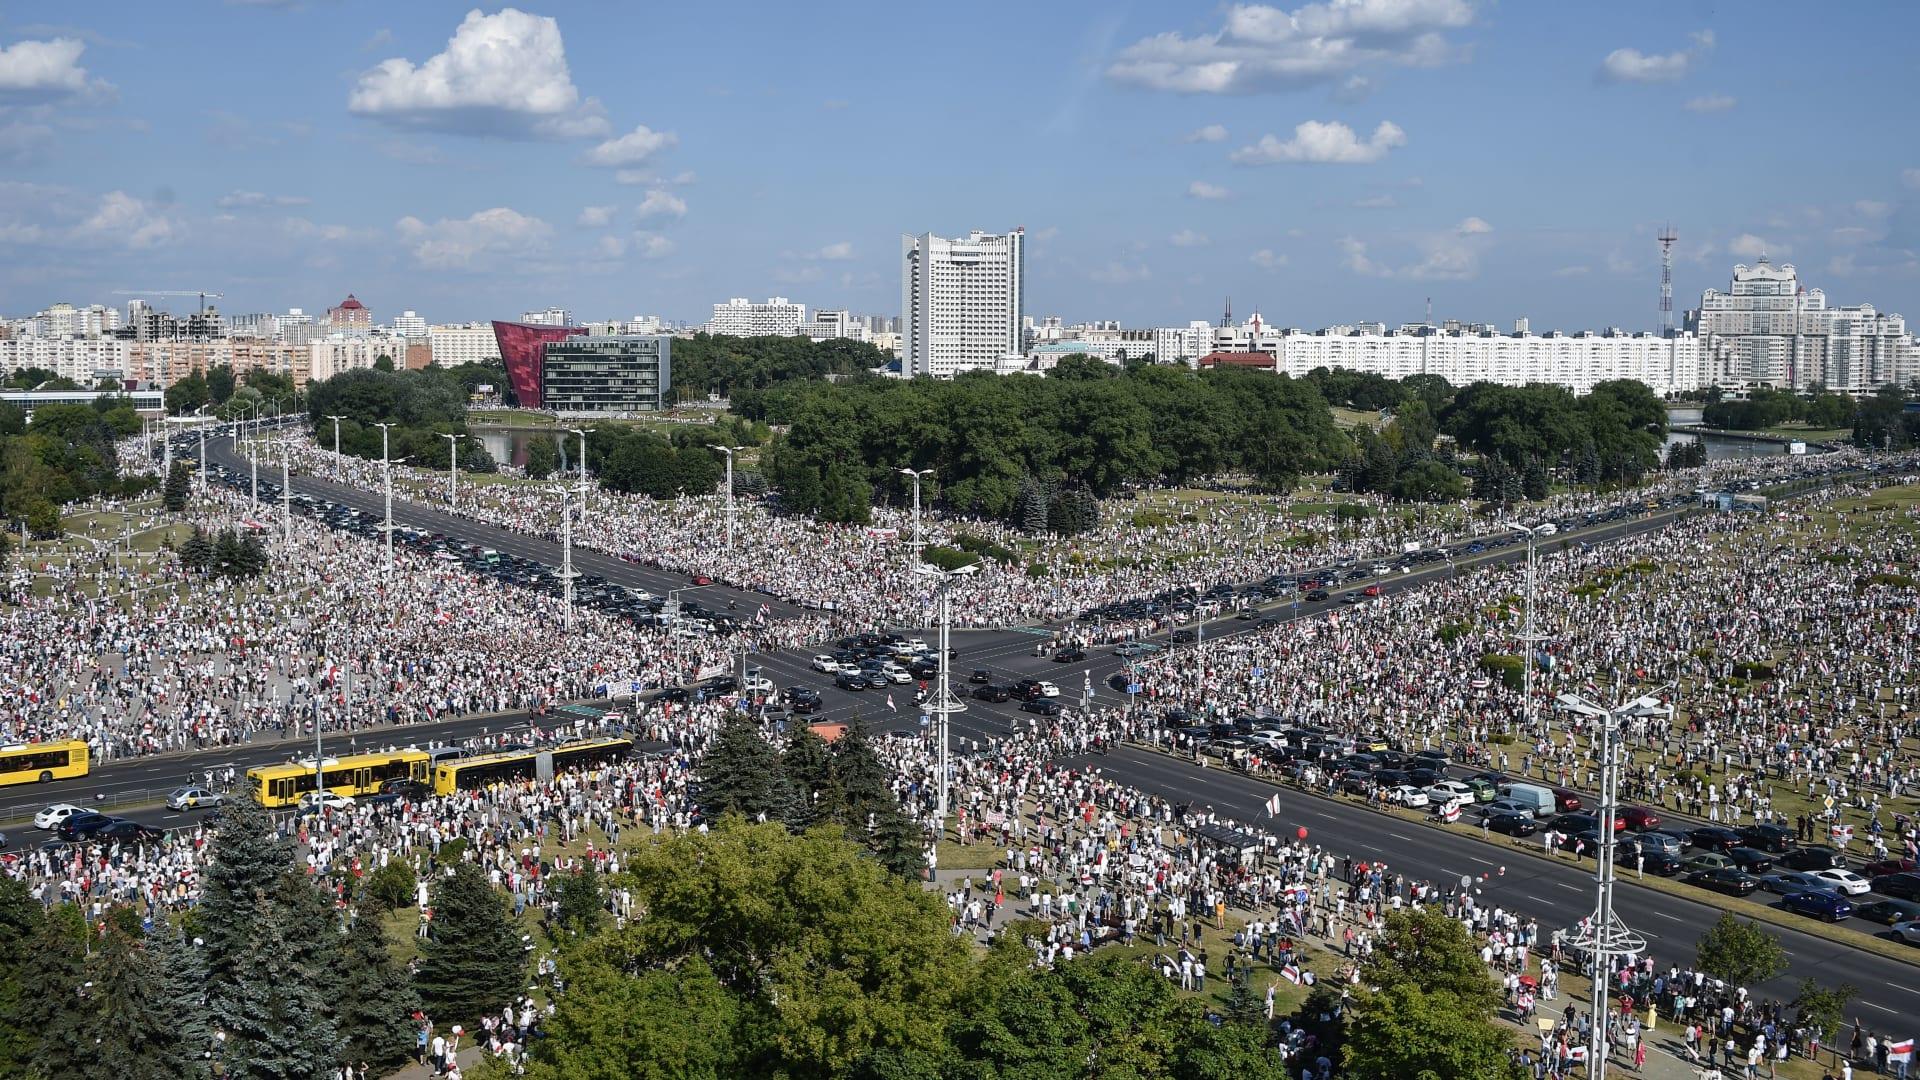 احتجاجات حاشدة في بيلاروسيا.. والرئيس: جرذان.. إذا دمرتم لوكاشينكو ستتسولون الخبز